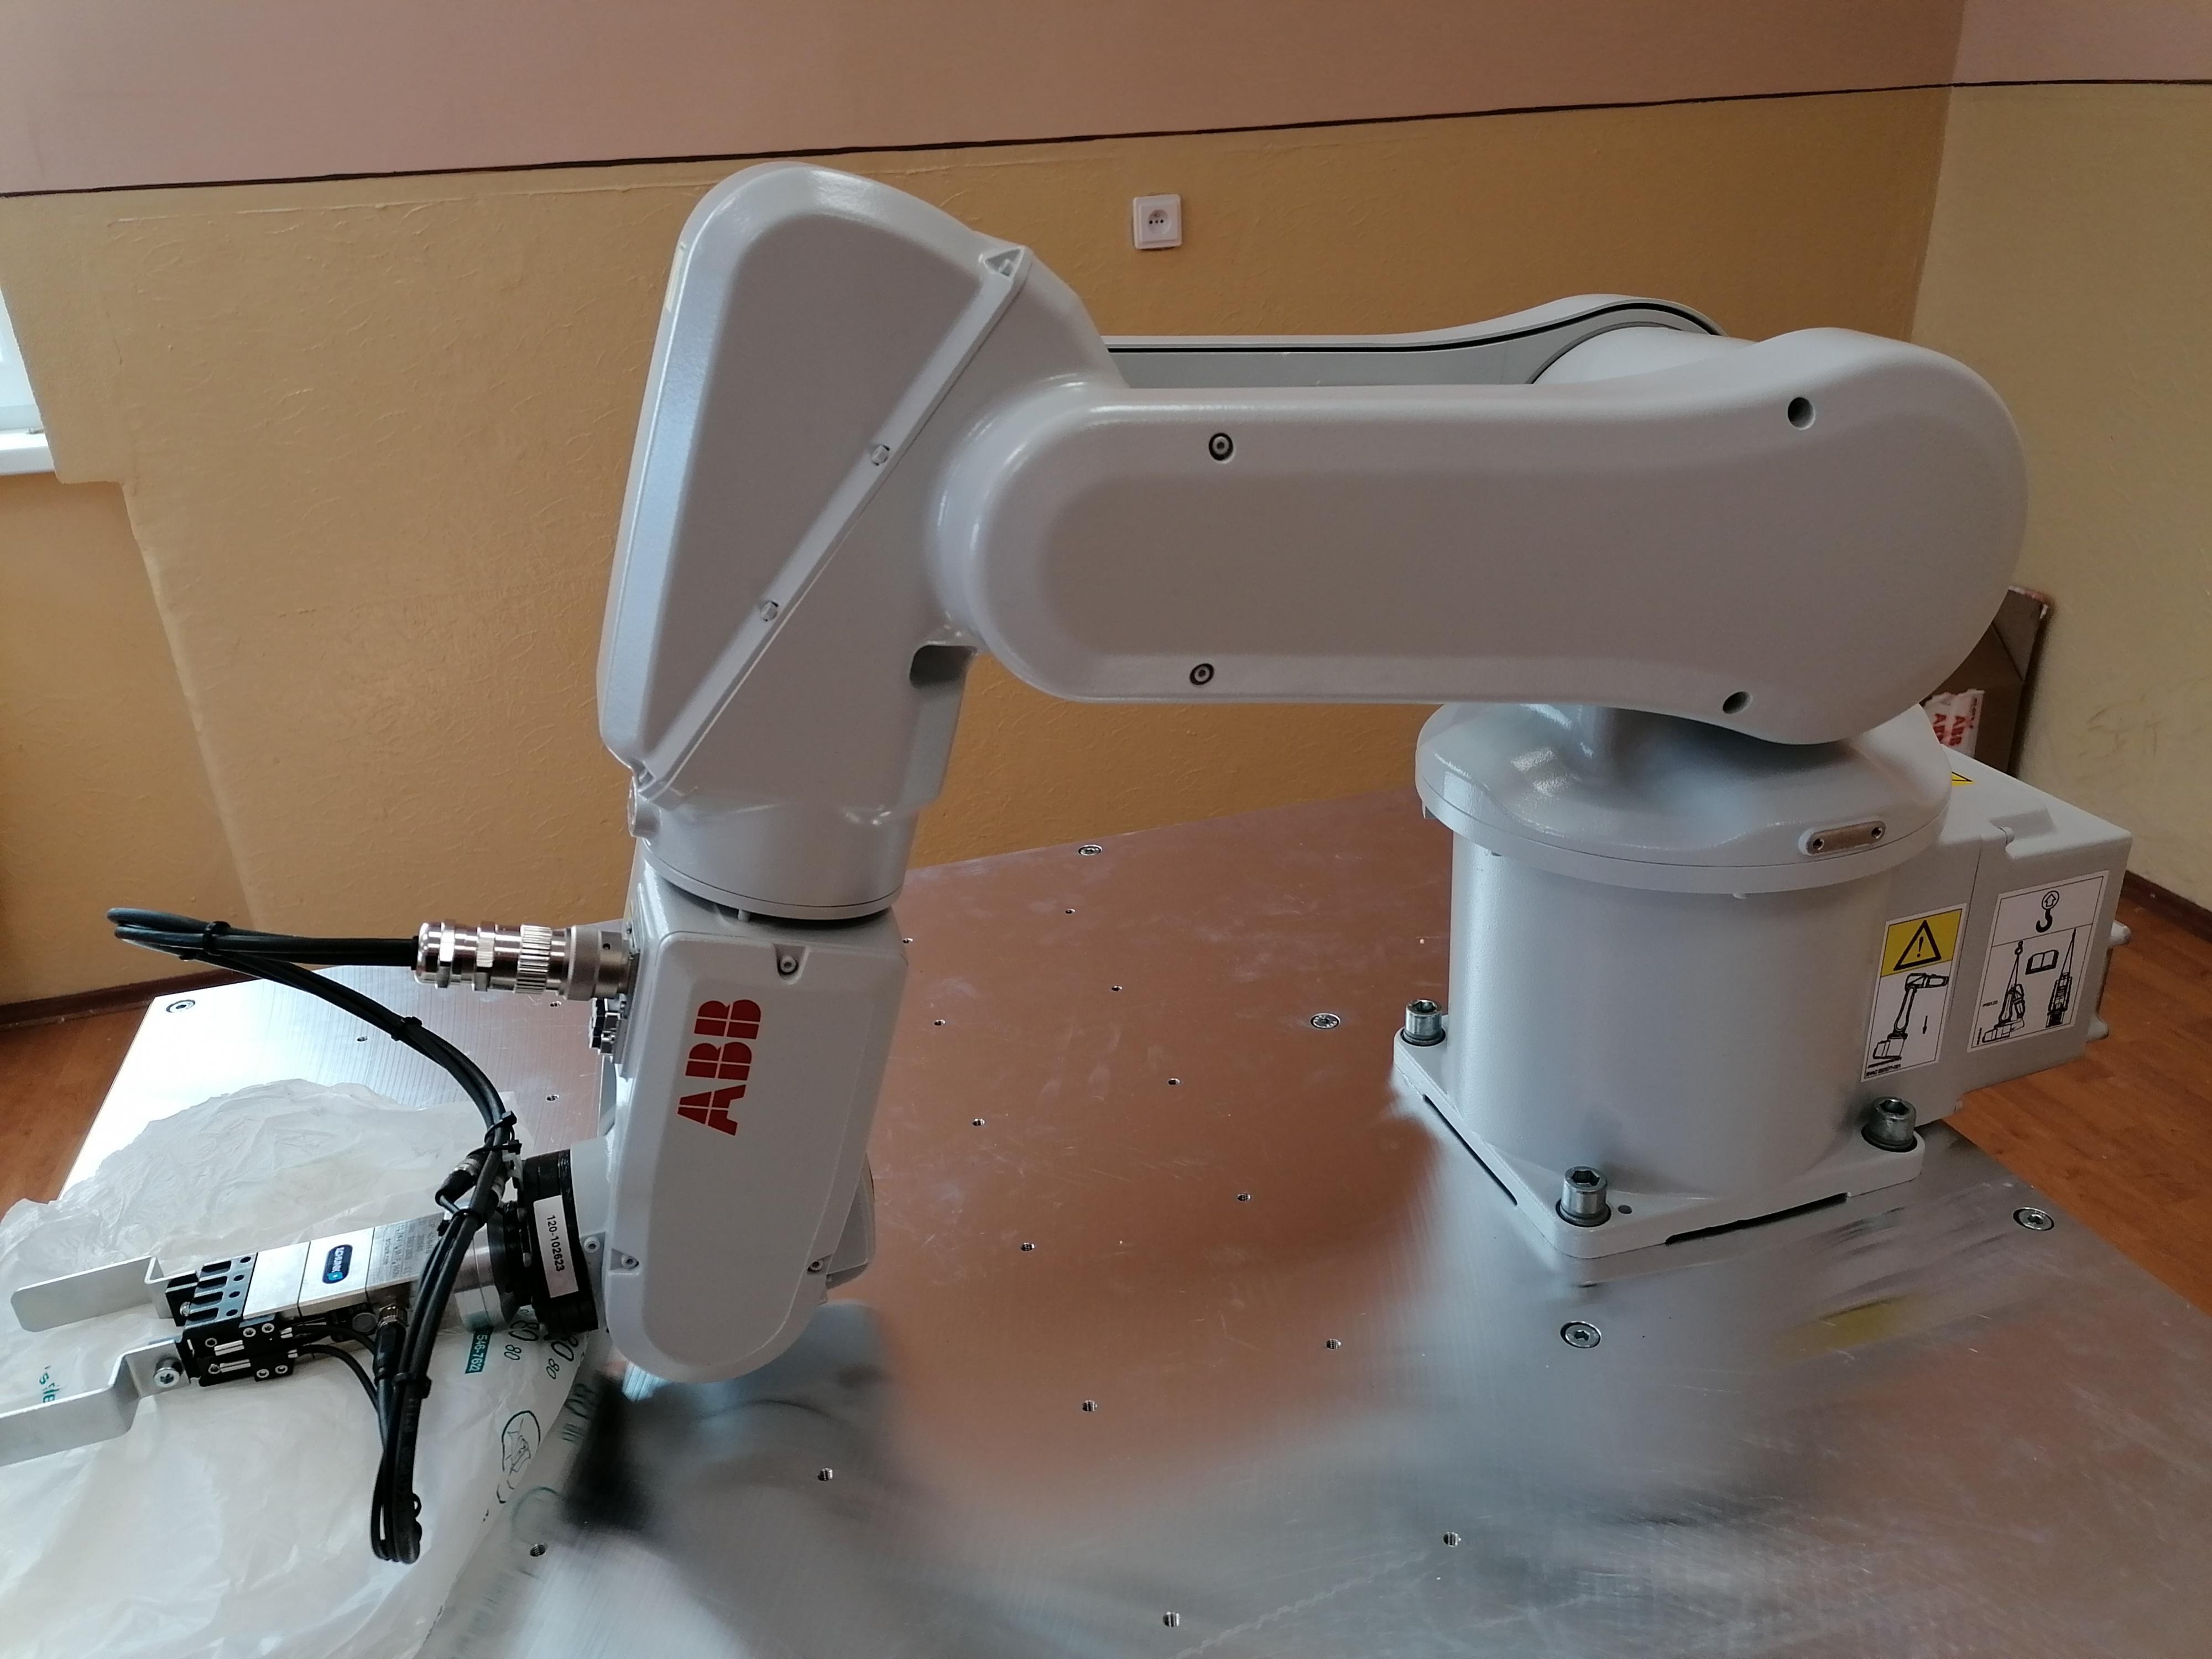 vyucovanie na priemyselnom robote vrable nitra